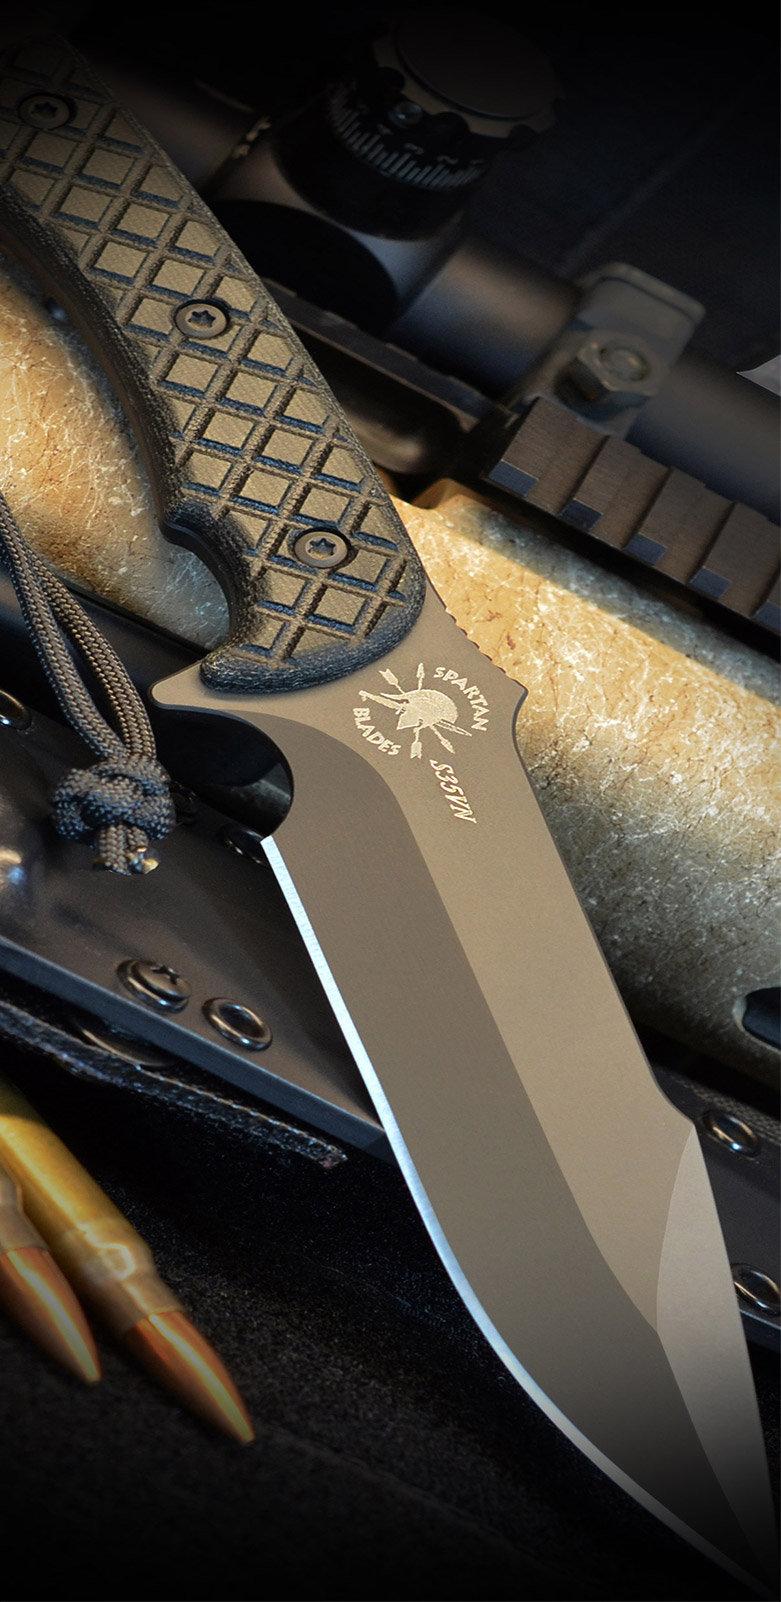 Fiber Laser Knife Engraving Spartan Blades